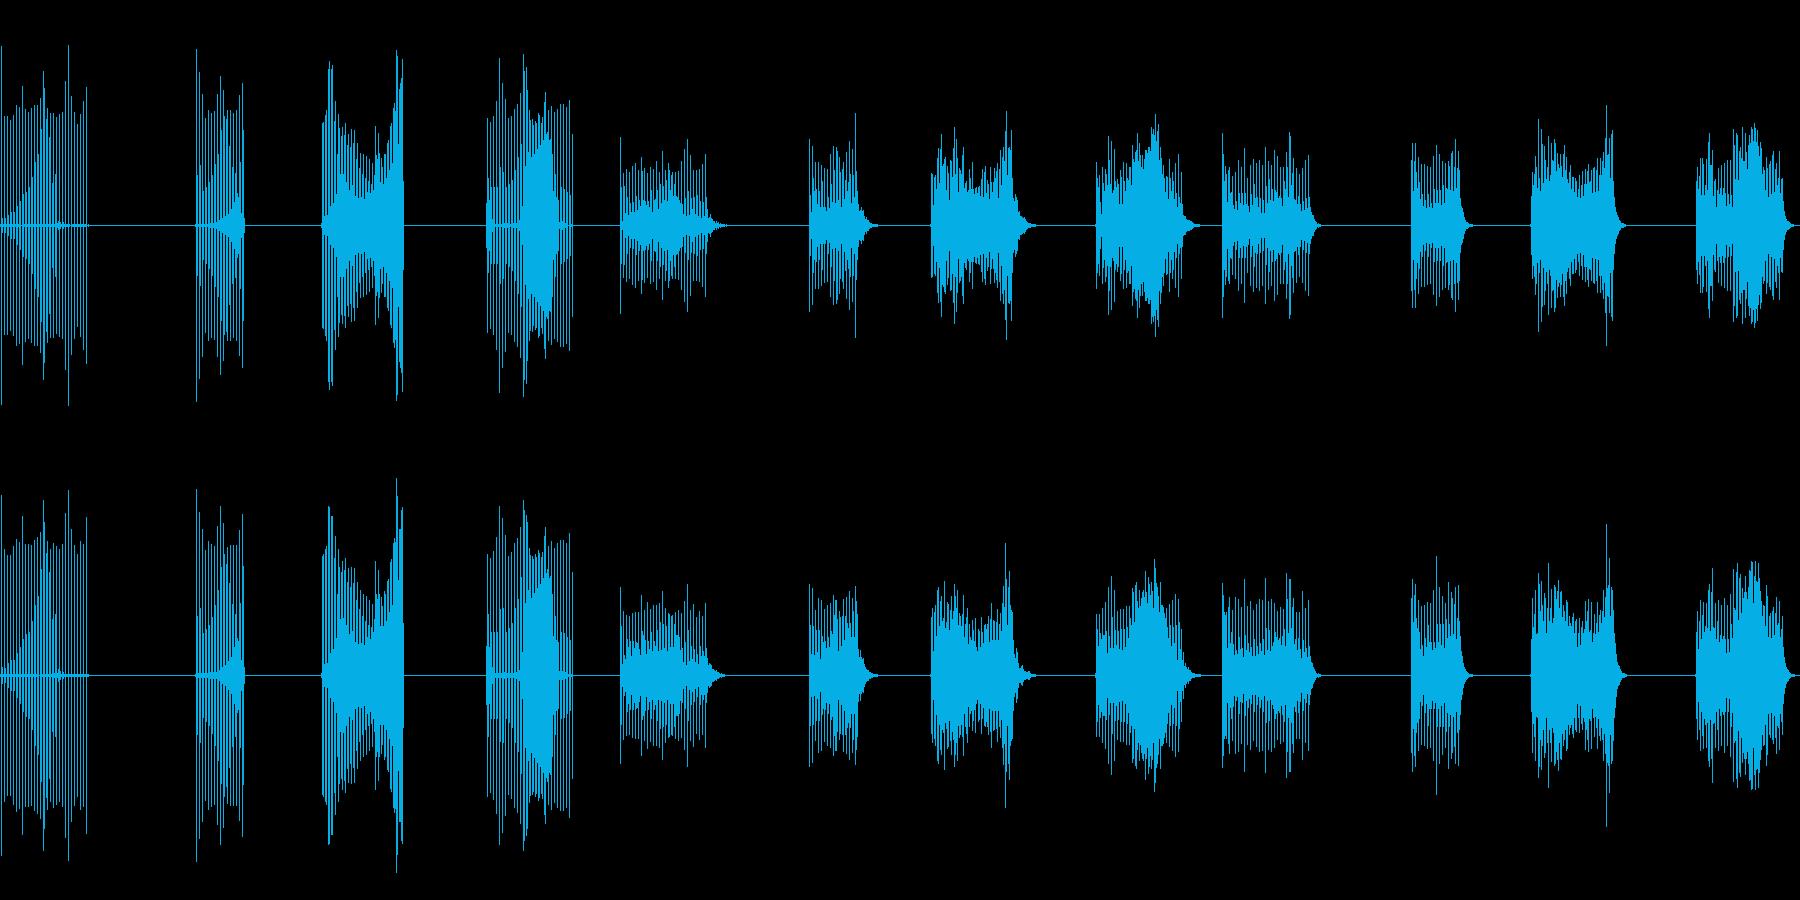 サンプルとホールド、4バージョンX...の再生済みの波形